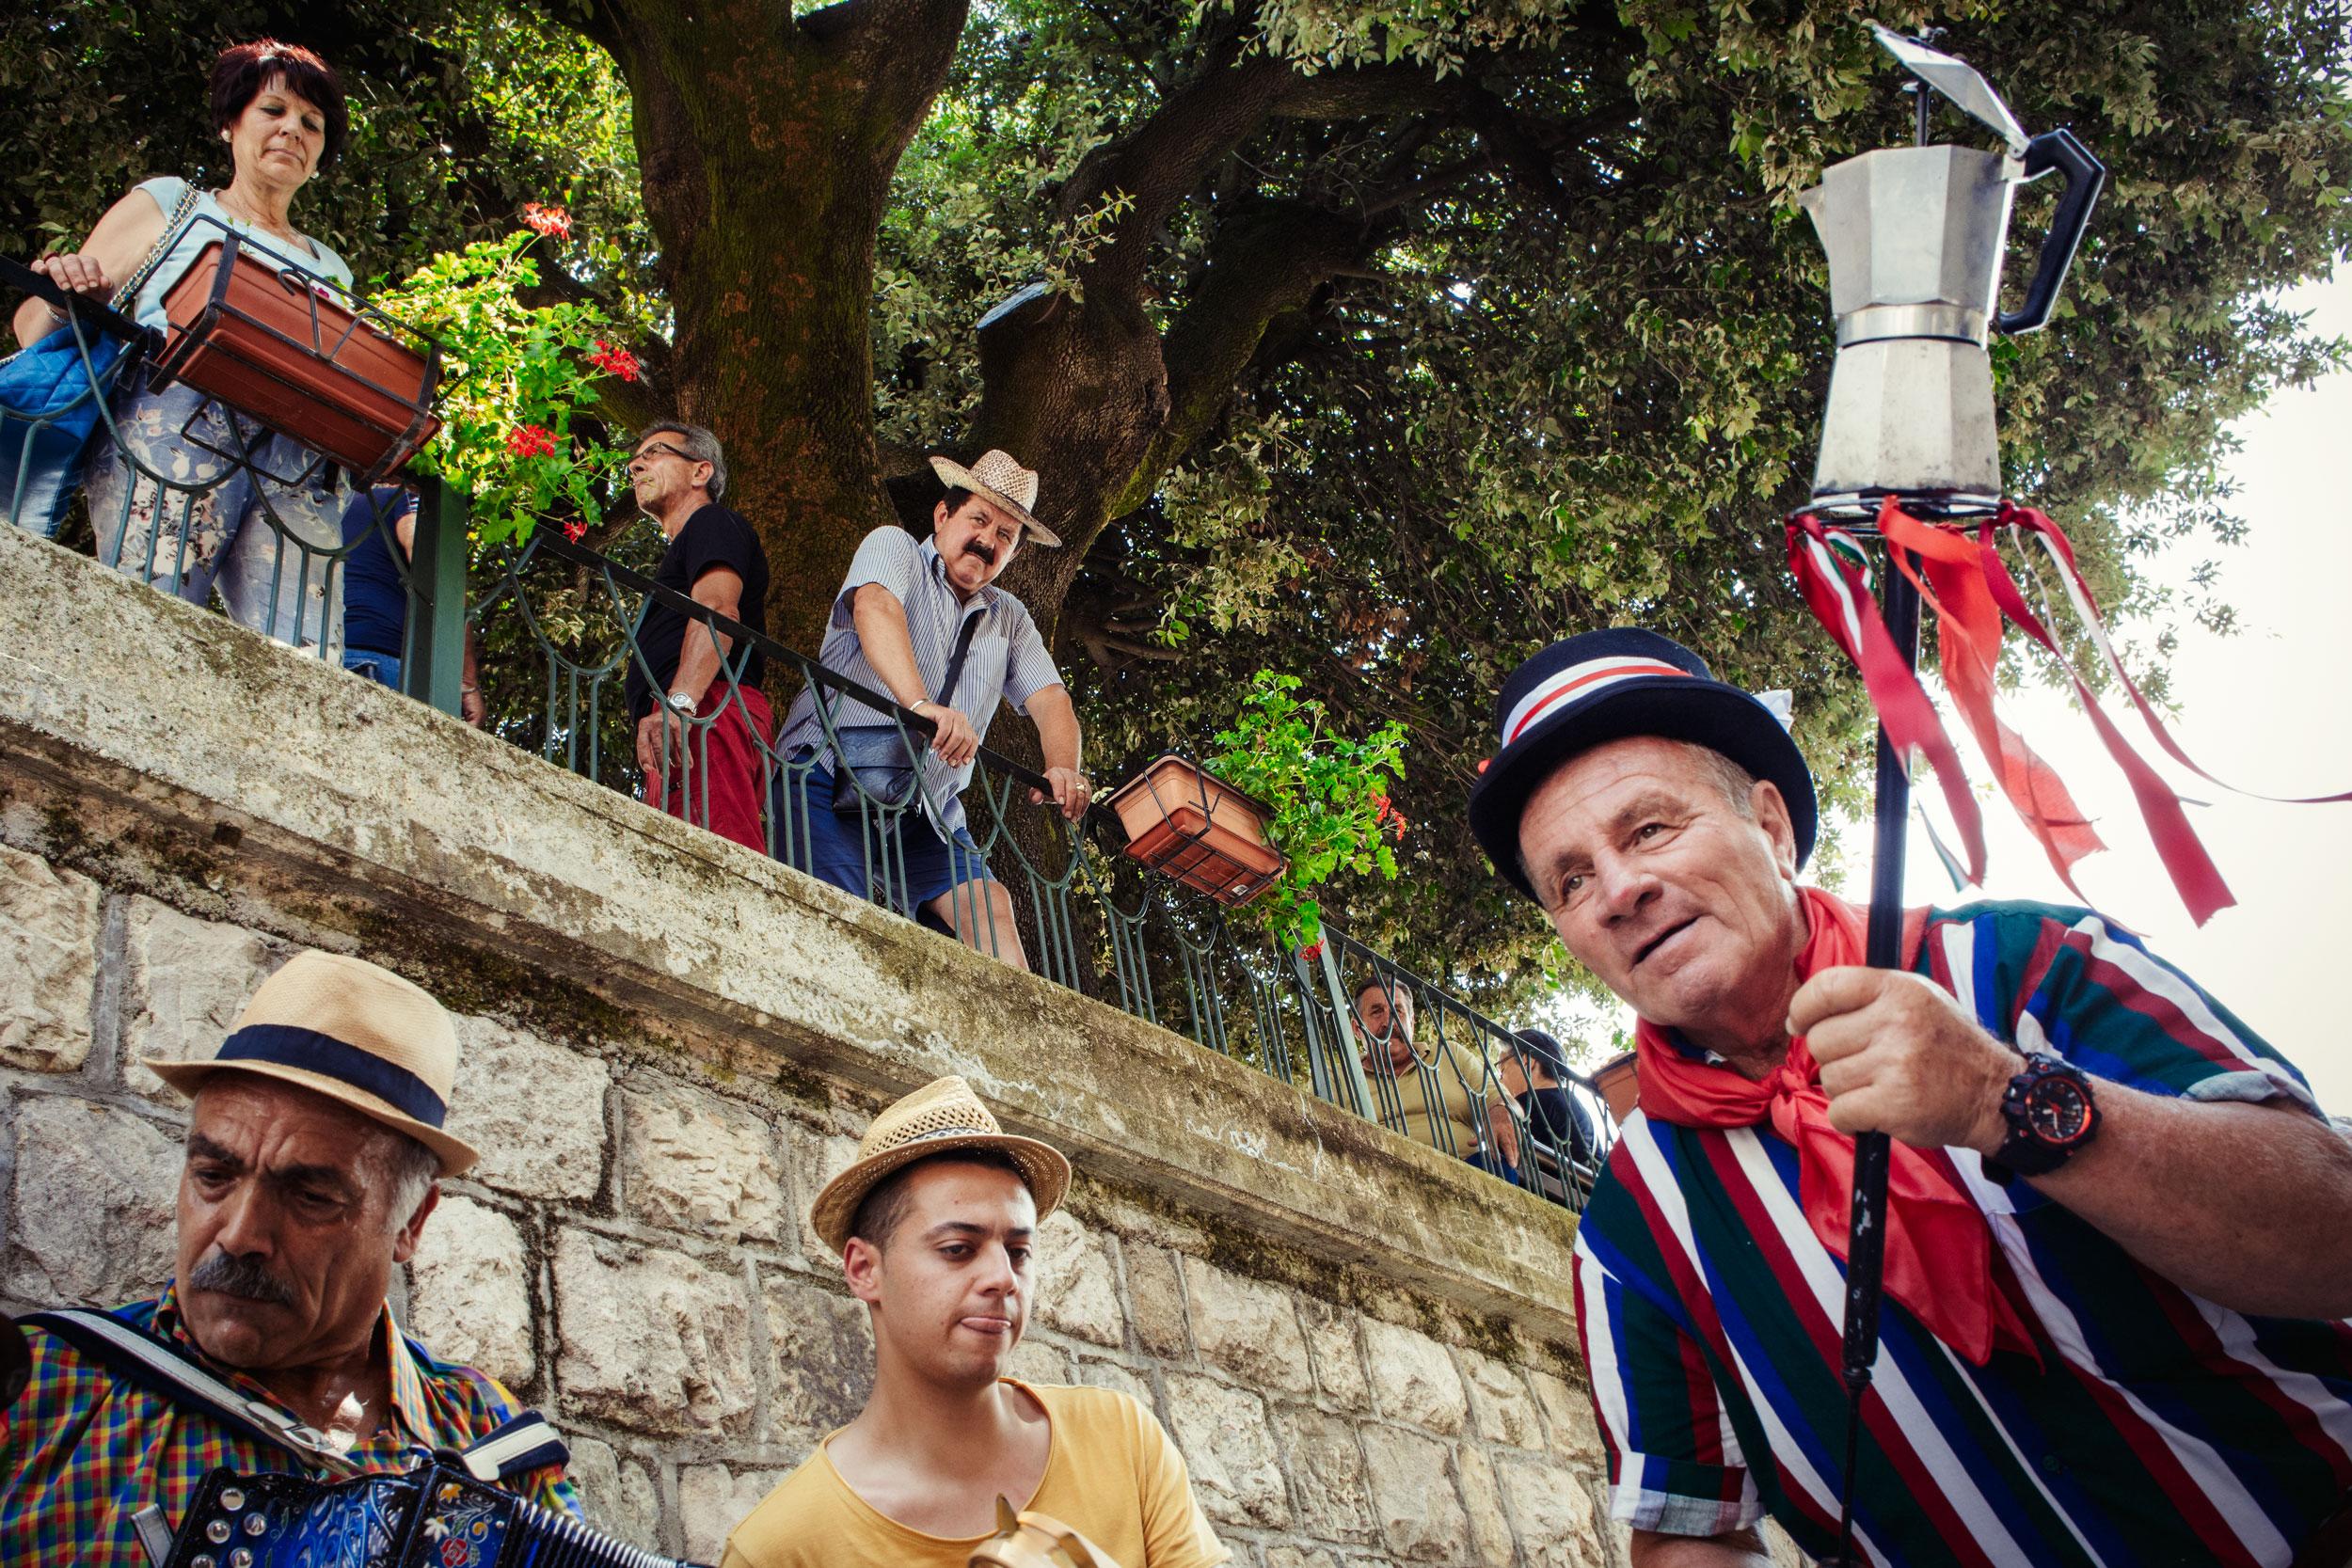 Scapoli (IS), Luglio 2018. Un gruppo di suonatori anima le strade del paese durante la due giorni con canti e balli tipici. Queste scene si ripetono continuamente nell'arco della due giorni del festival, offrendo notevoli spunti fotografici.